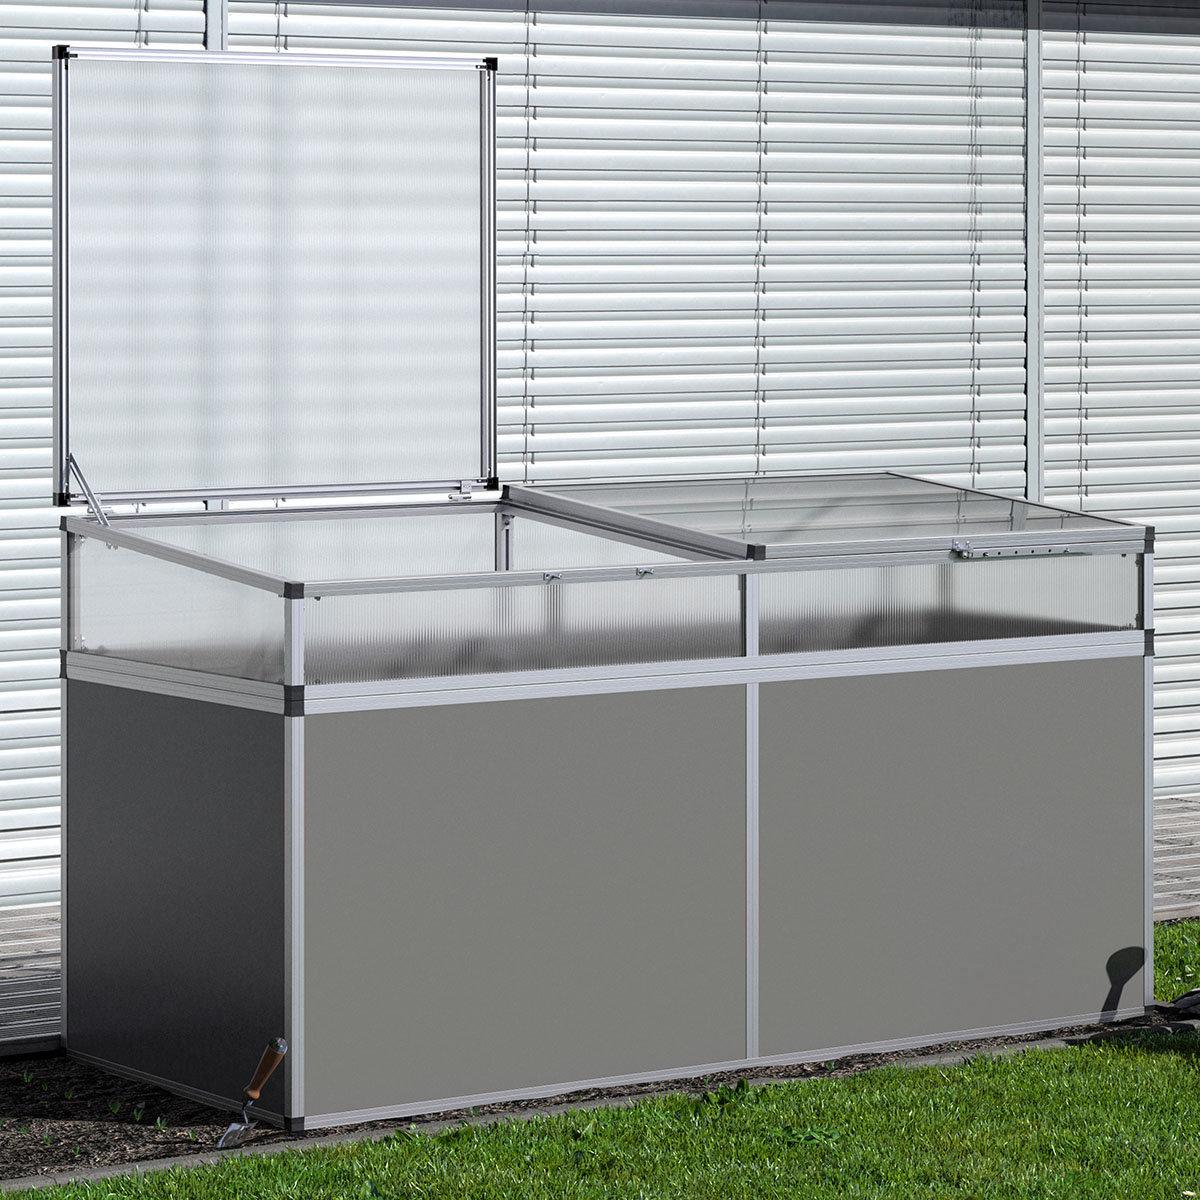 Kgt Aluminium Hochbeet 210 Anthrazit Silber Mit Fruhbeetaufsatz